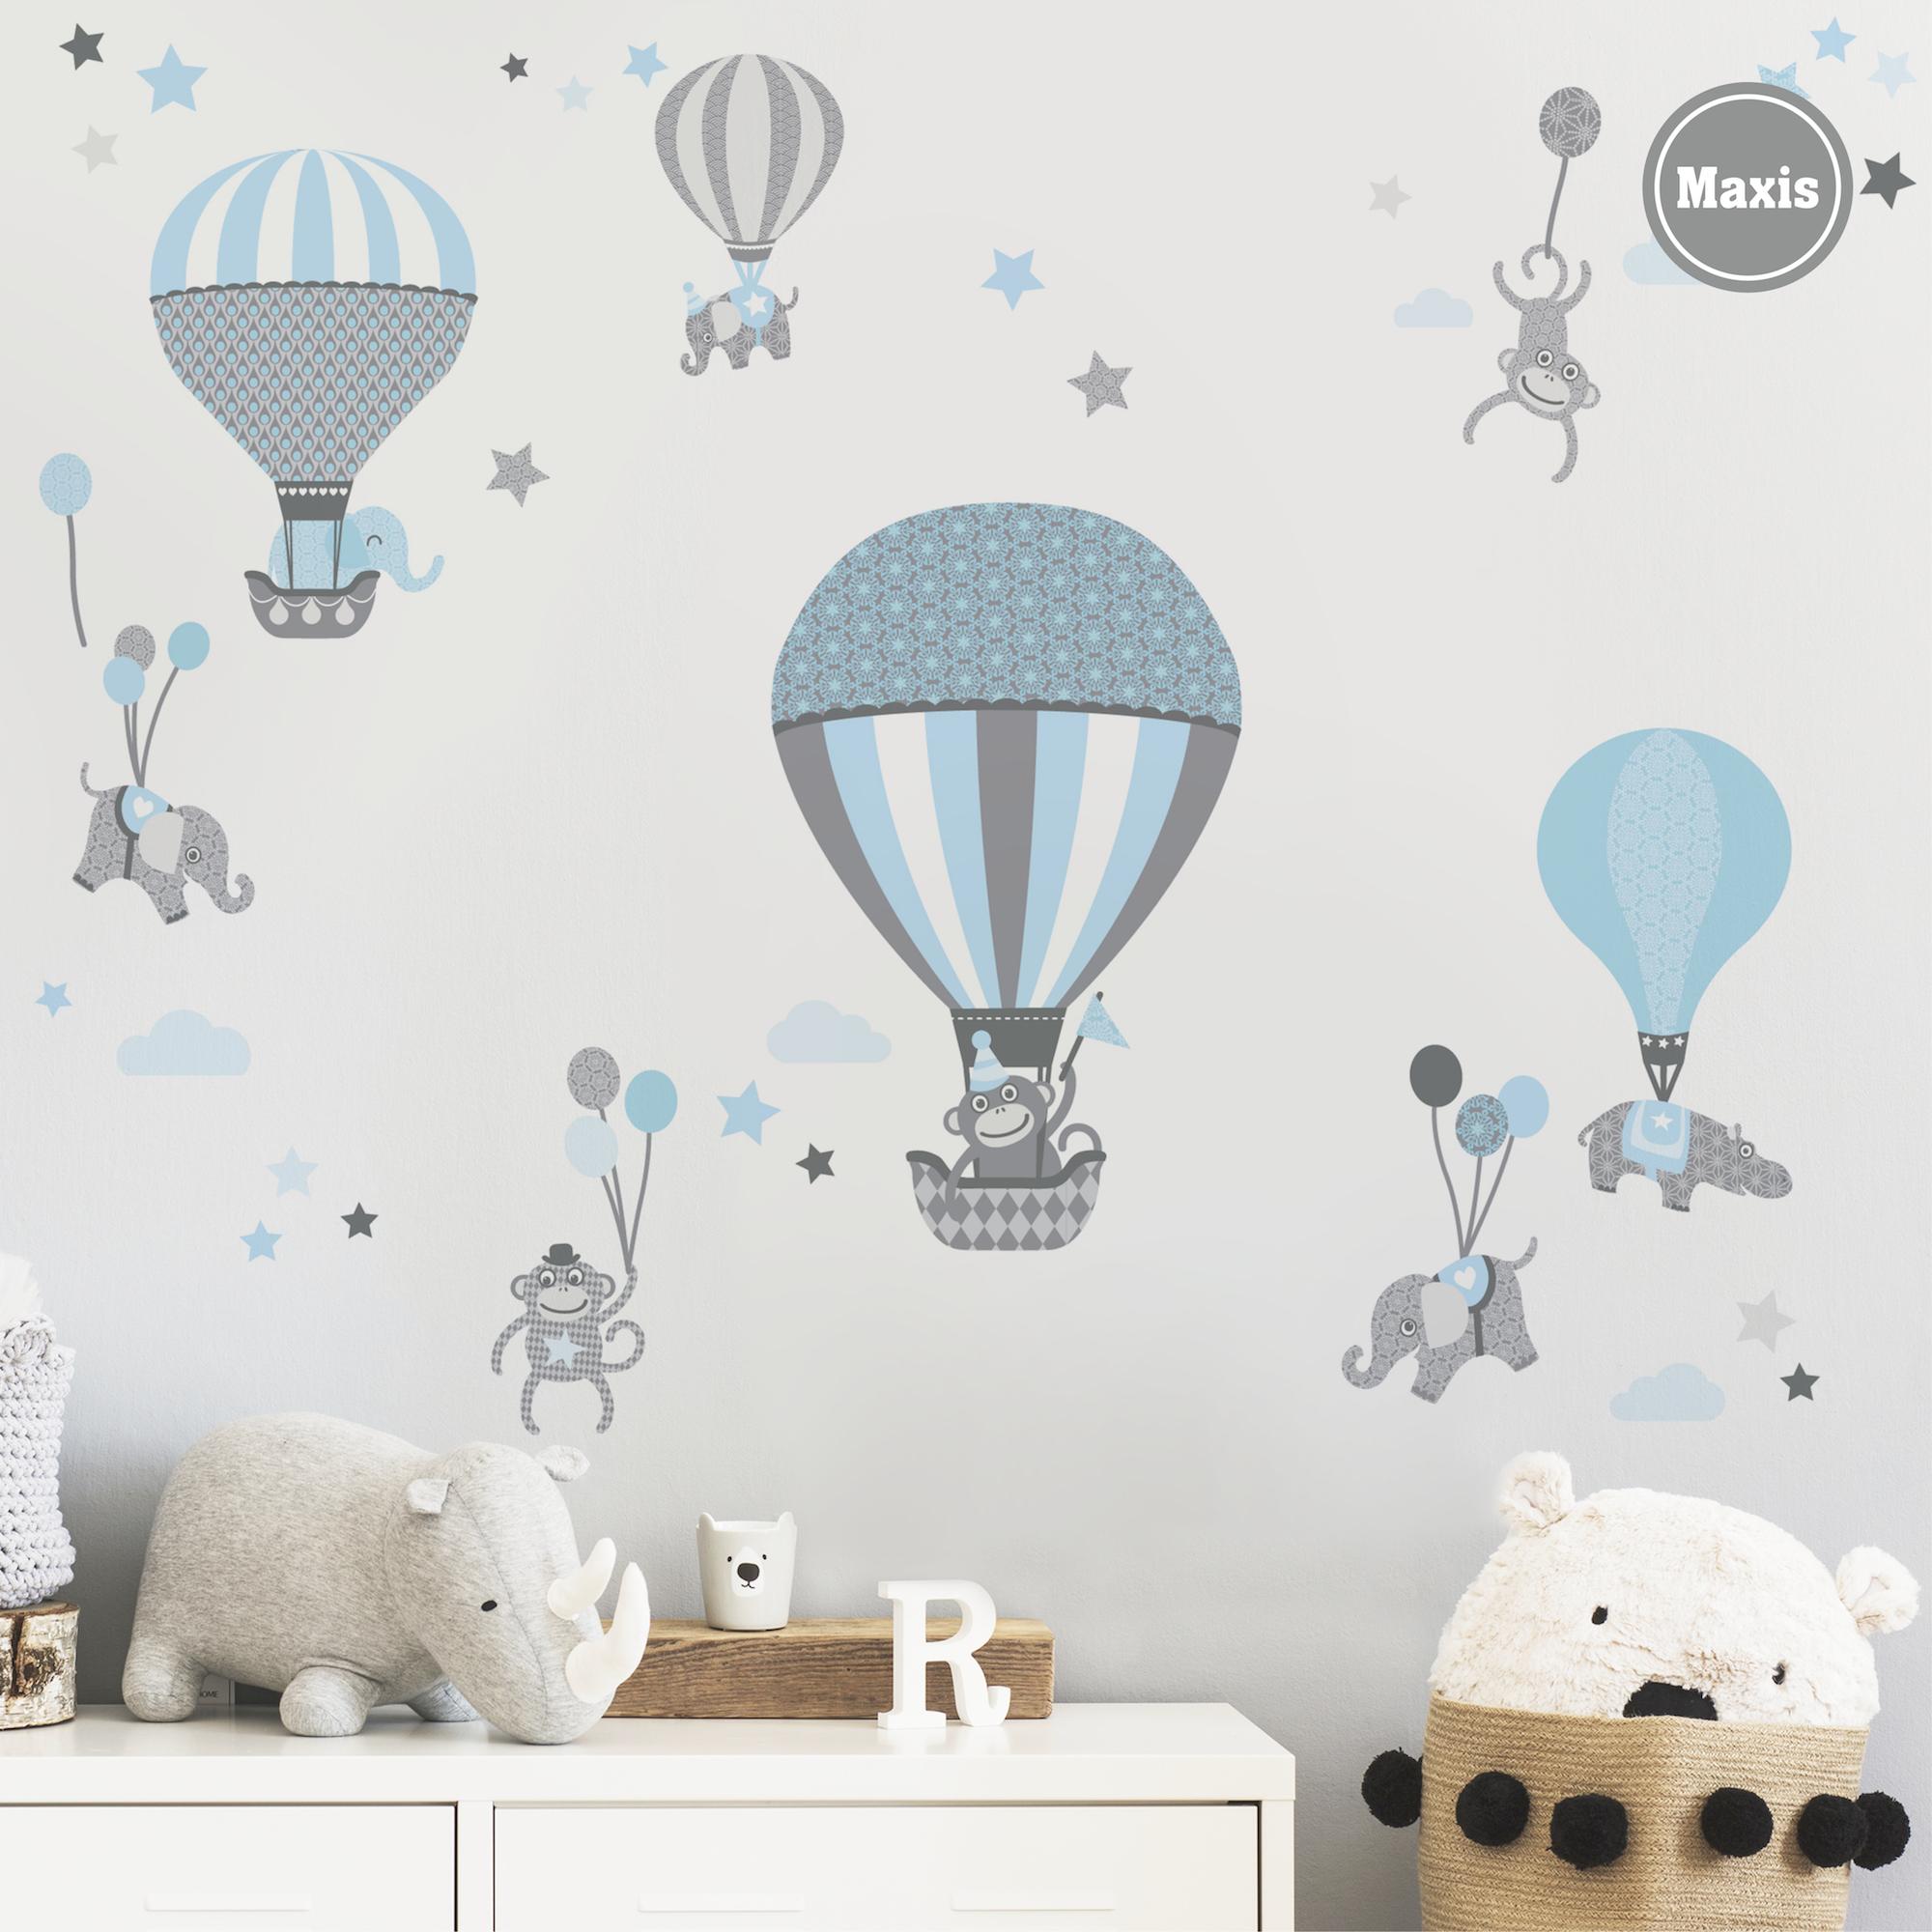 Wandtattoo Hot Air Balloons Hellblau Grau Wandtattoos Fur Jungen Wandtattoos Wandgestaltung Kinderzimmer Anna Wand Design